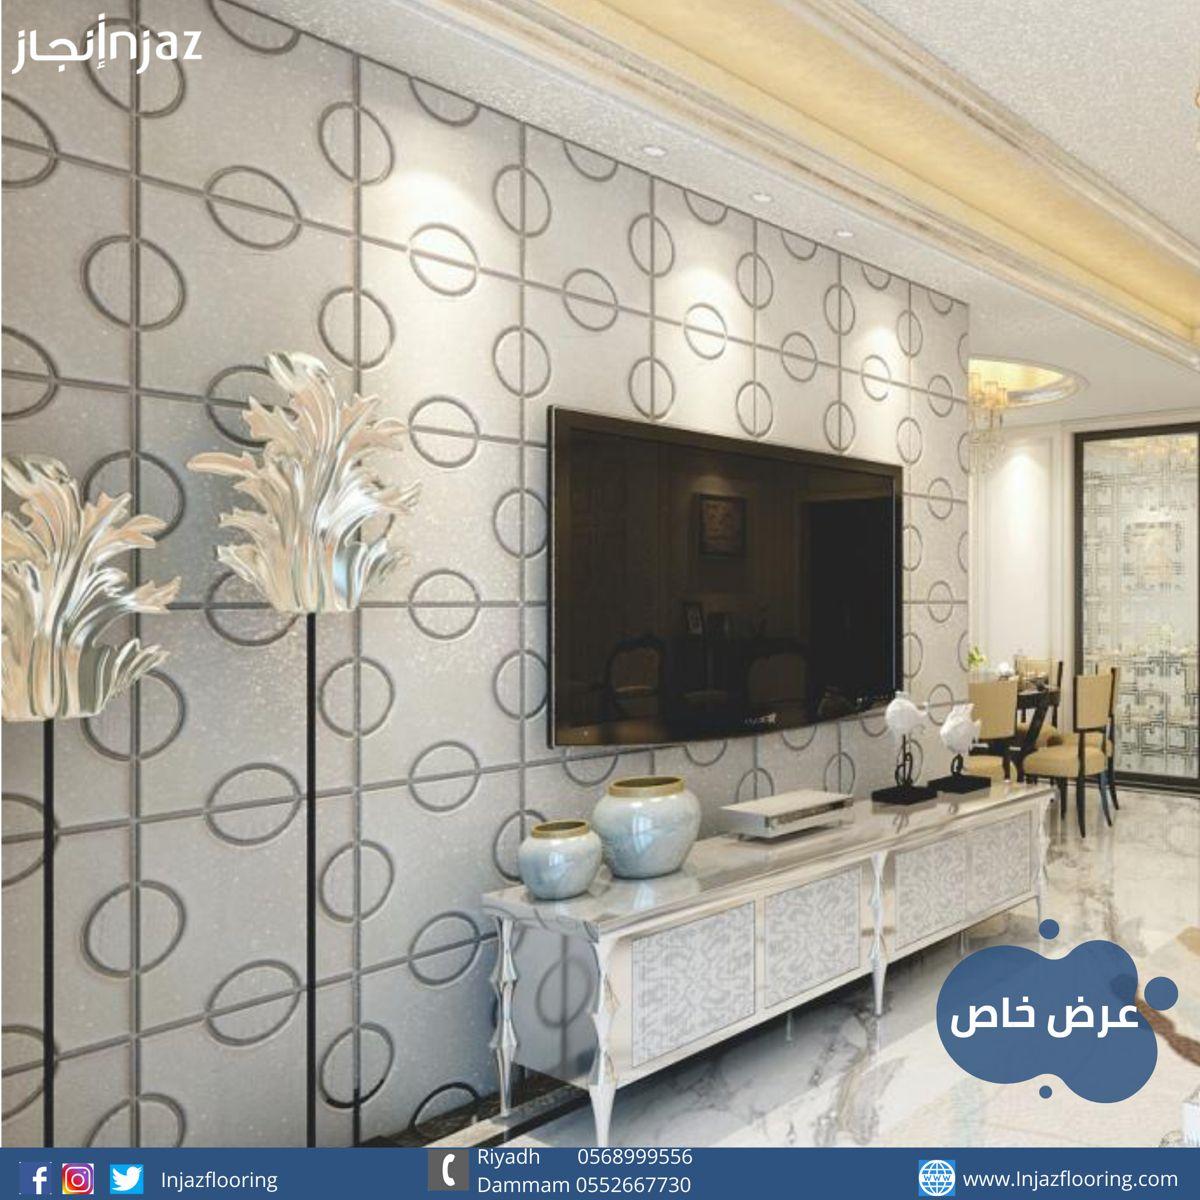 عرض خاص على جداريات الجلد ادفع و استلم من دون تركيب Framed Bathroom Mirror Decor Home Decor